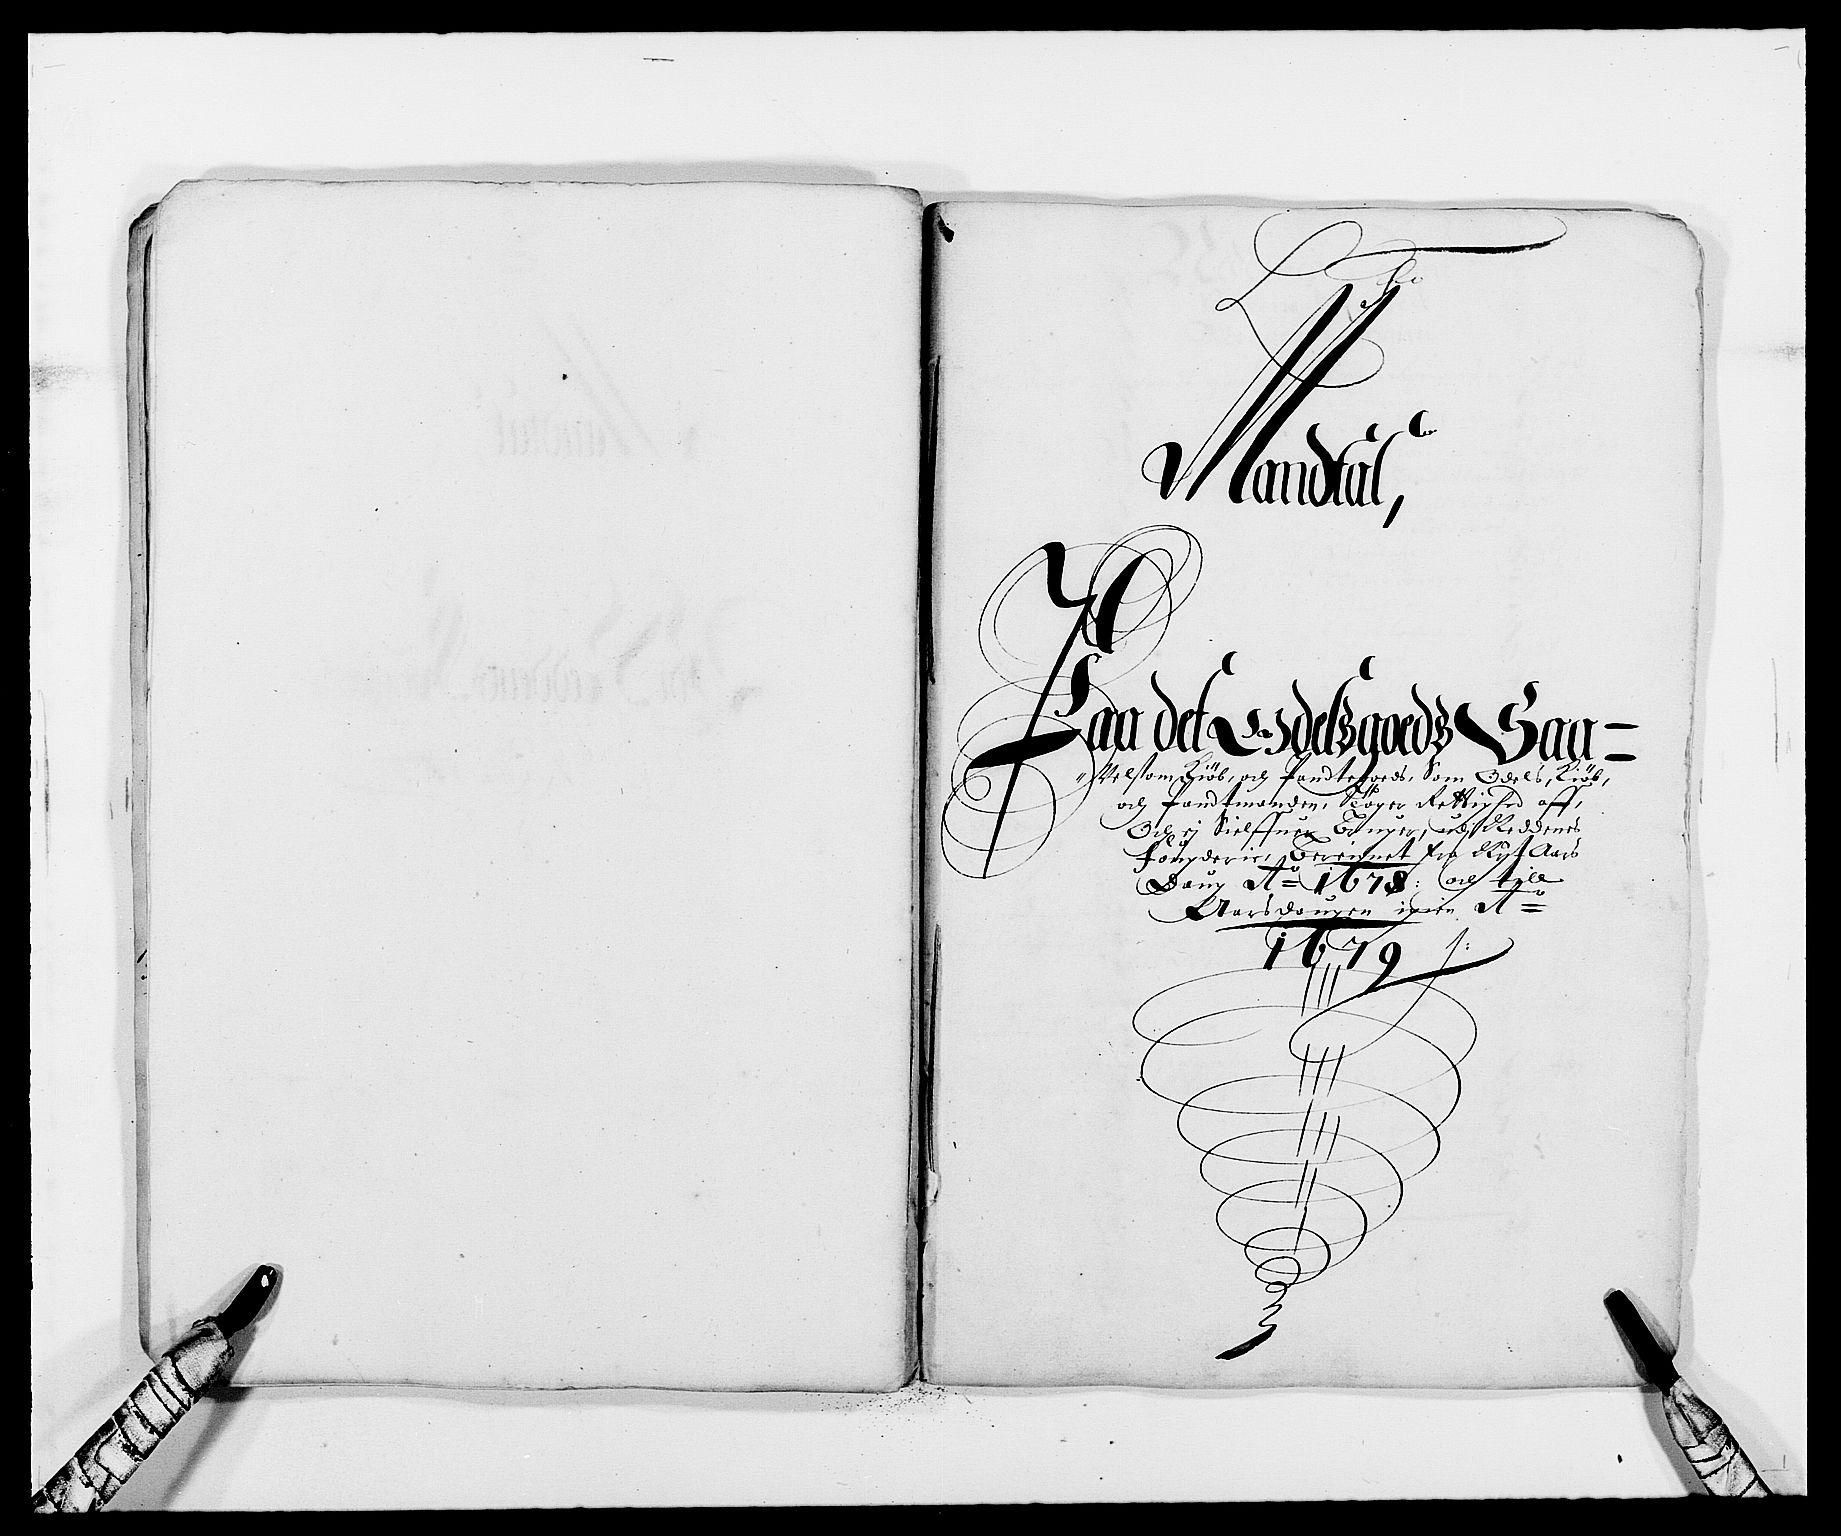 RA, Rentekammeret inntil 1814, Reviderte regnskaper, Fogderegnskap, R39/L2302: Fogderegnskap Nedenes, 1677-1678, s. 288